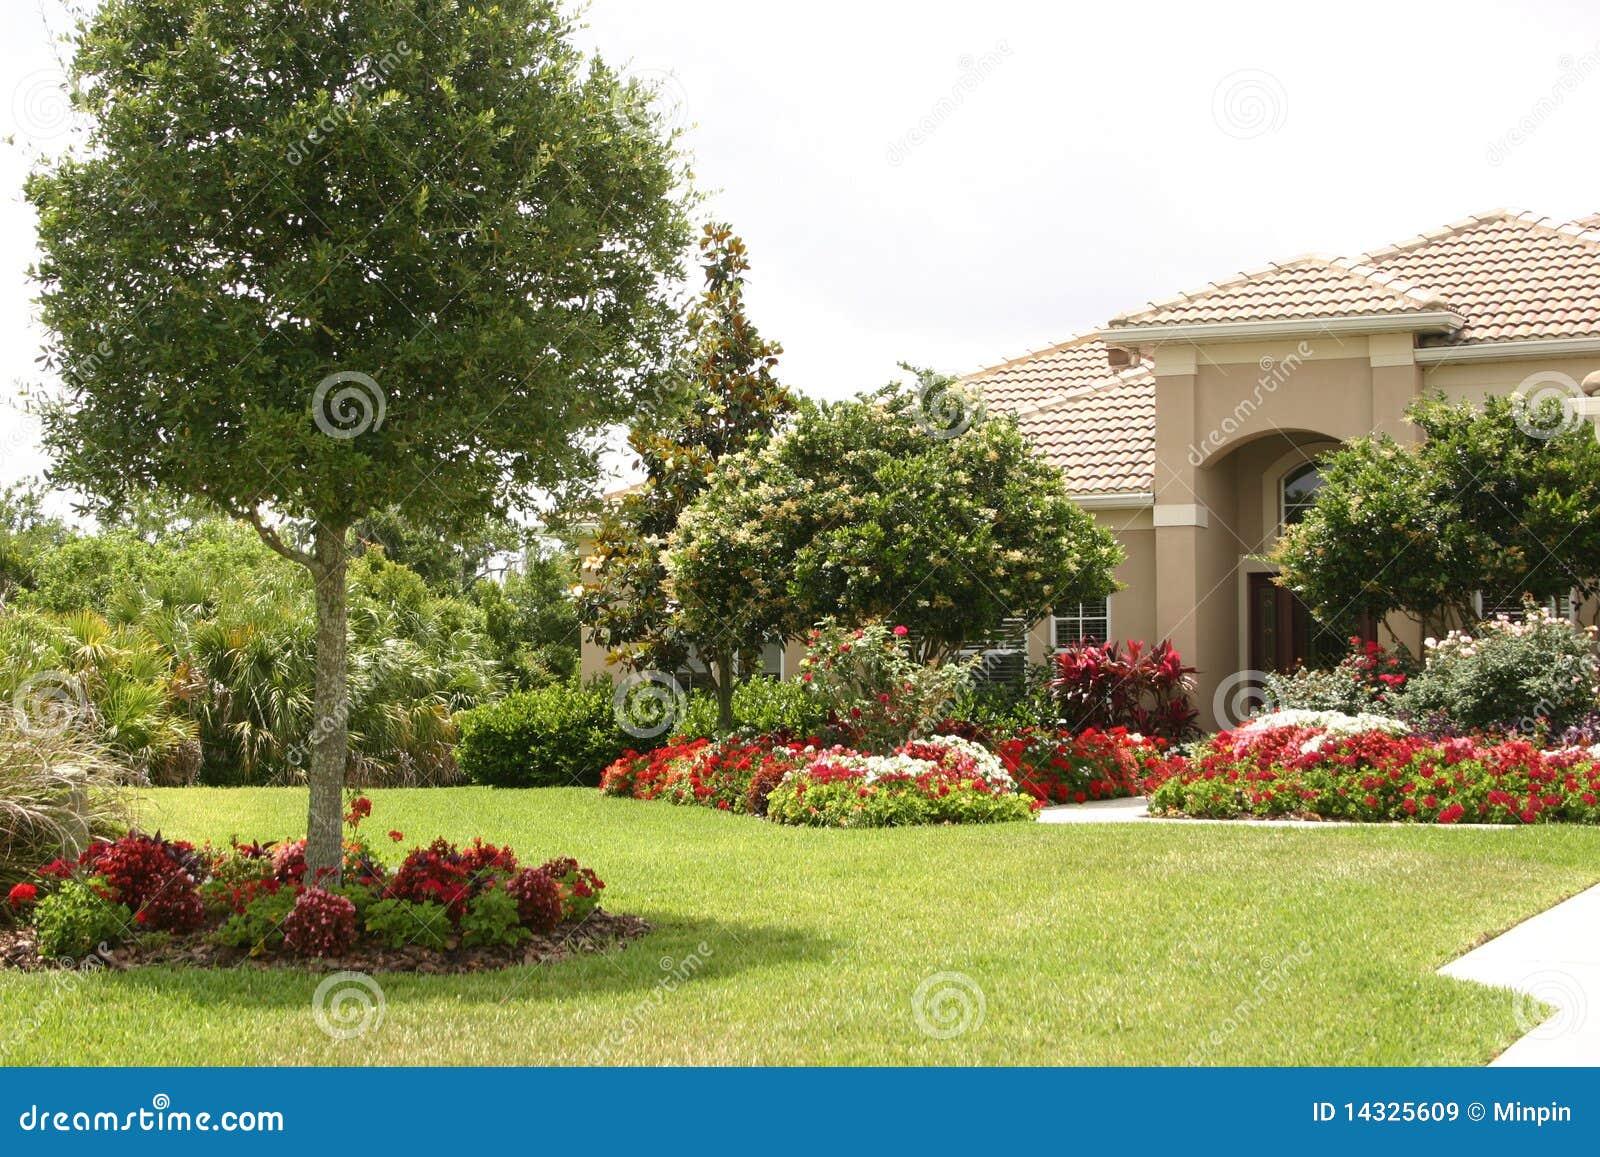 Casa y jard n lujosos im genes de archivo libres de for Casa y jardin tienda madrid